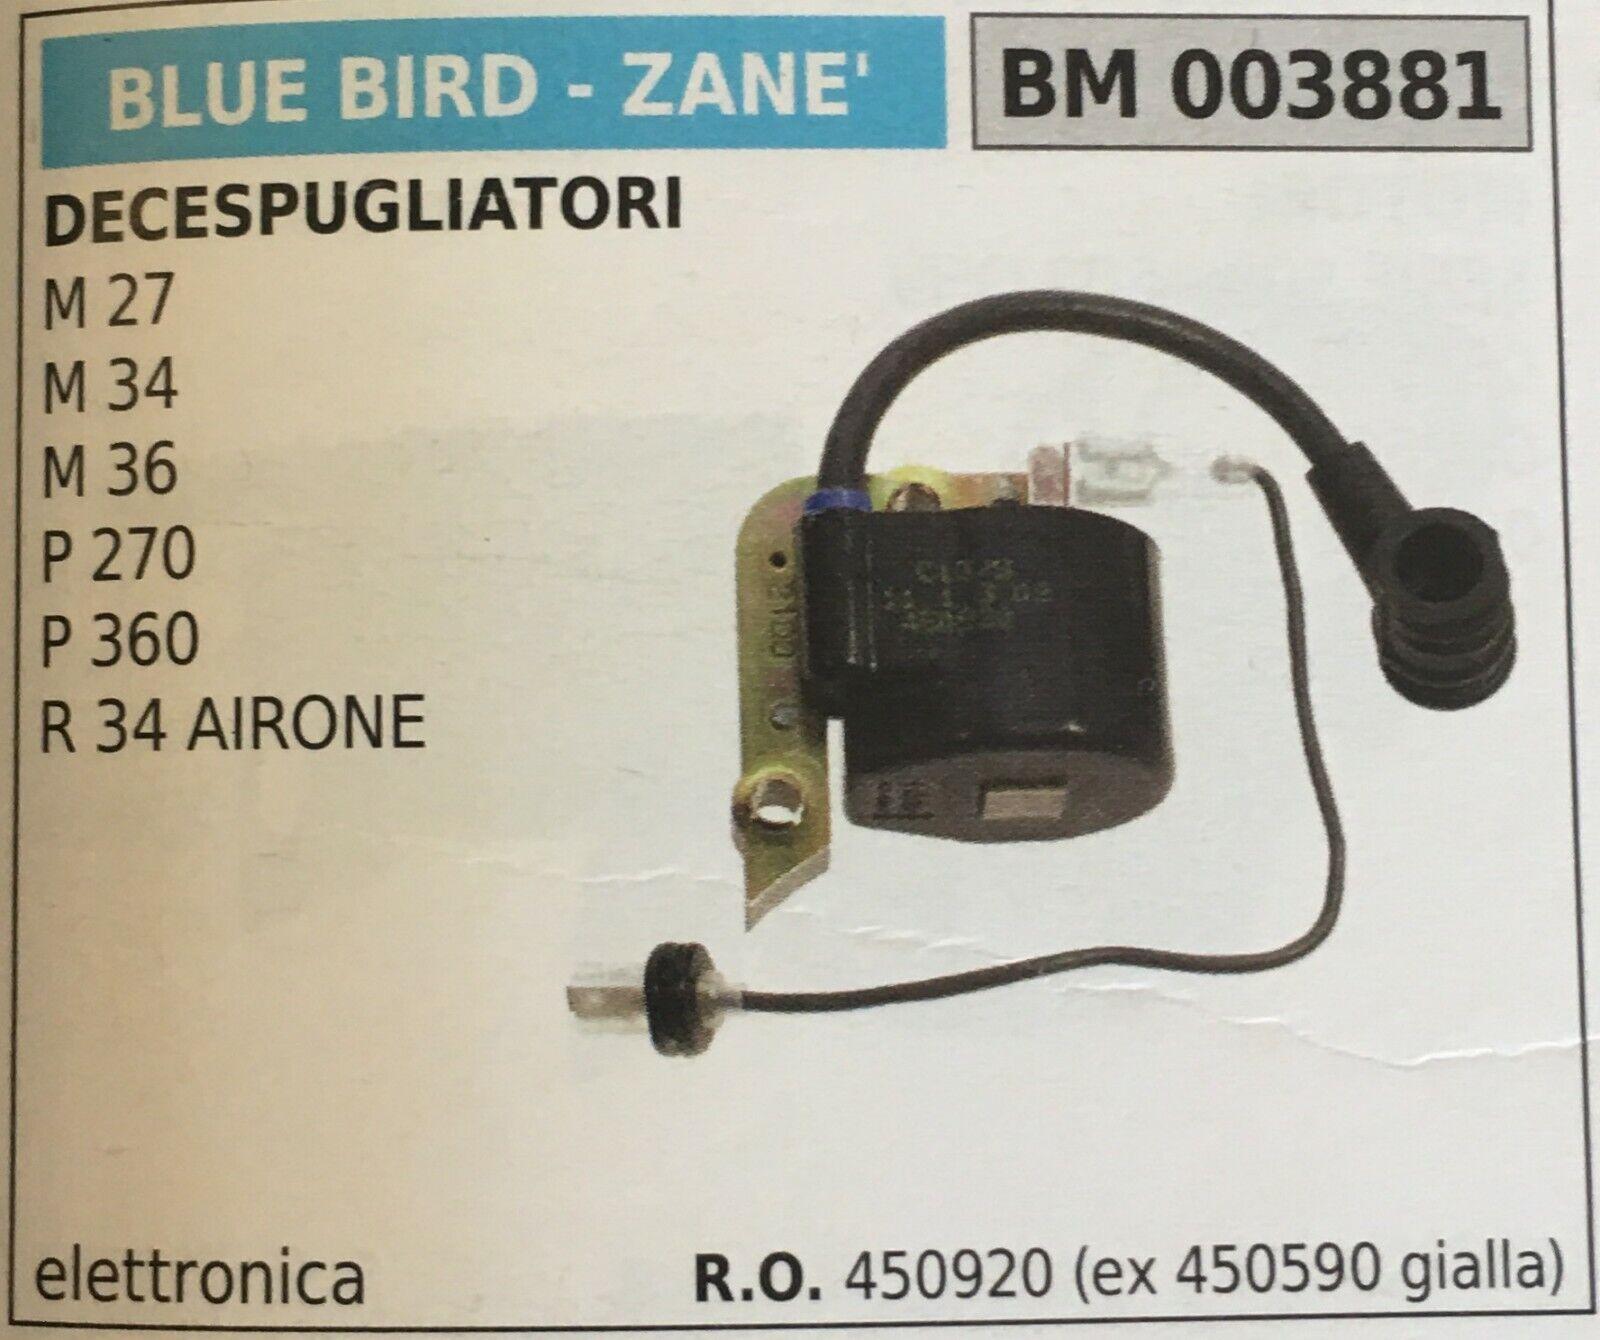 Bobina Electrónica azul Bird - Zane '